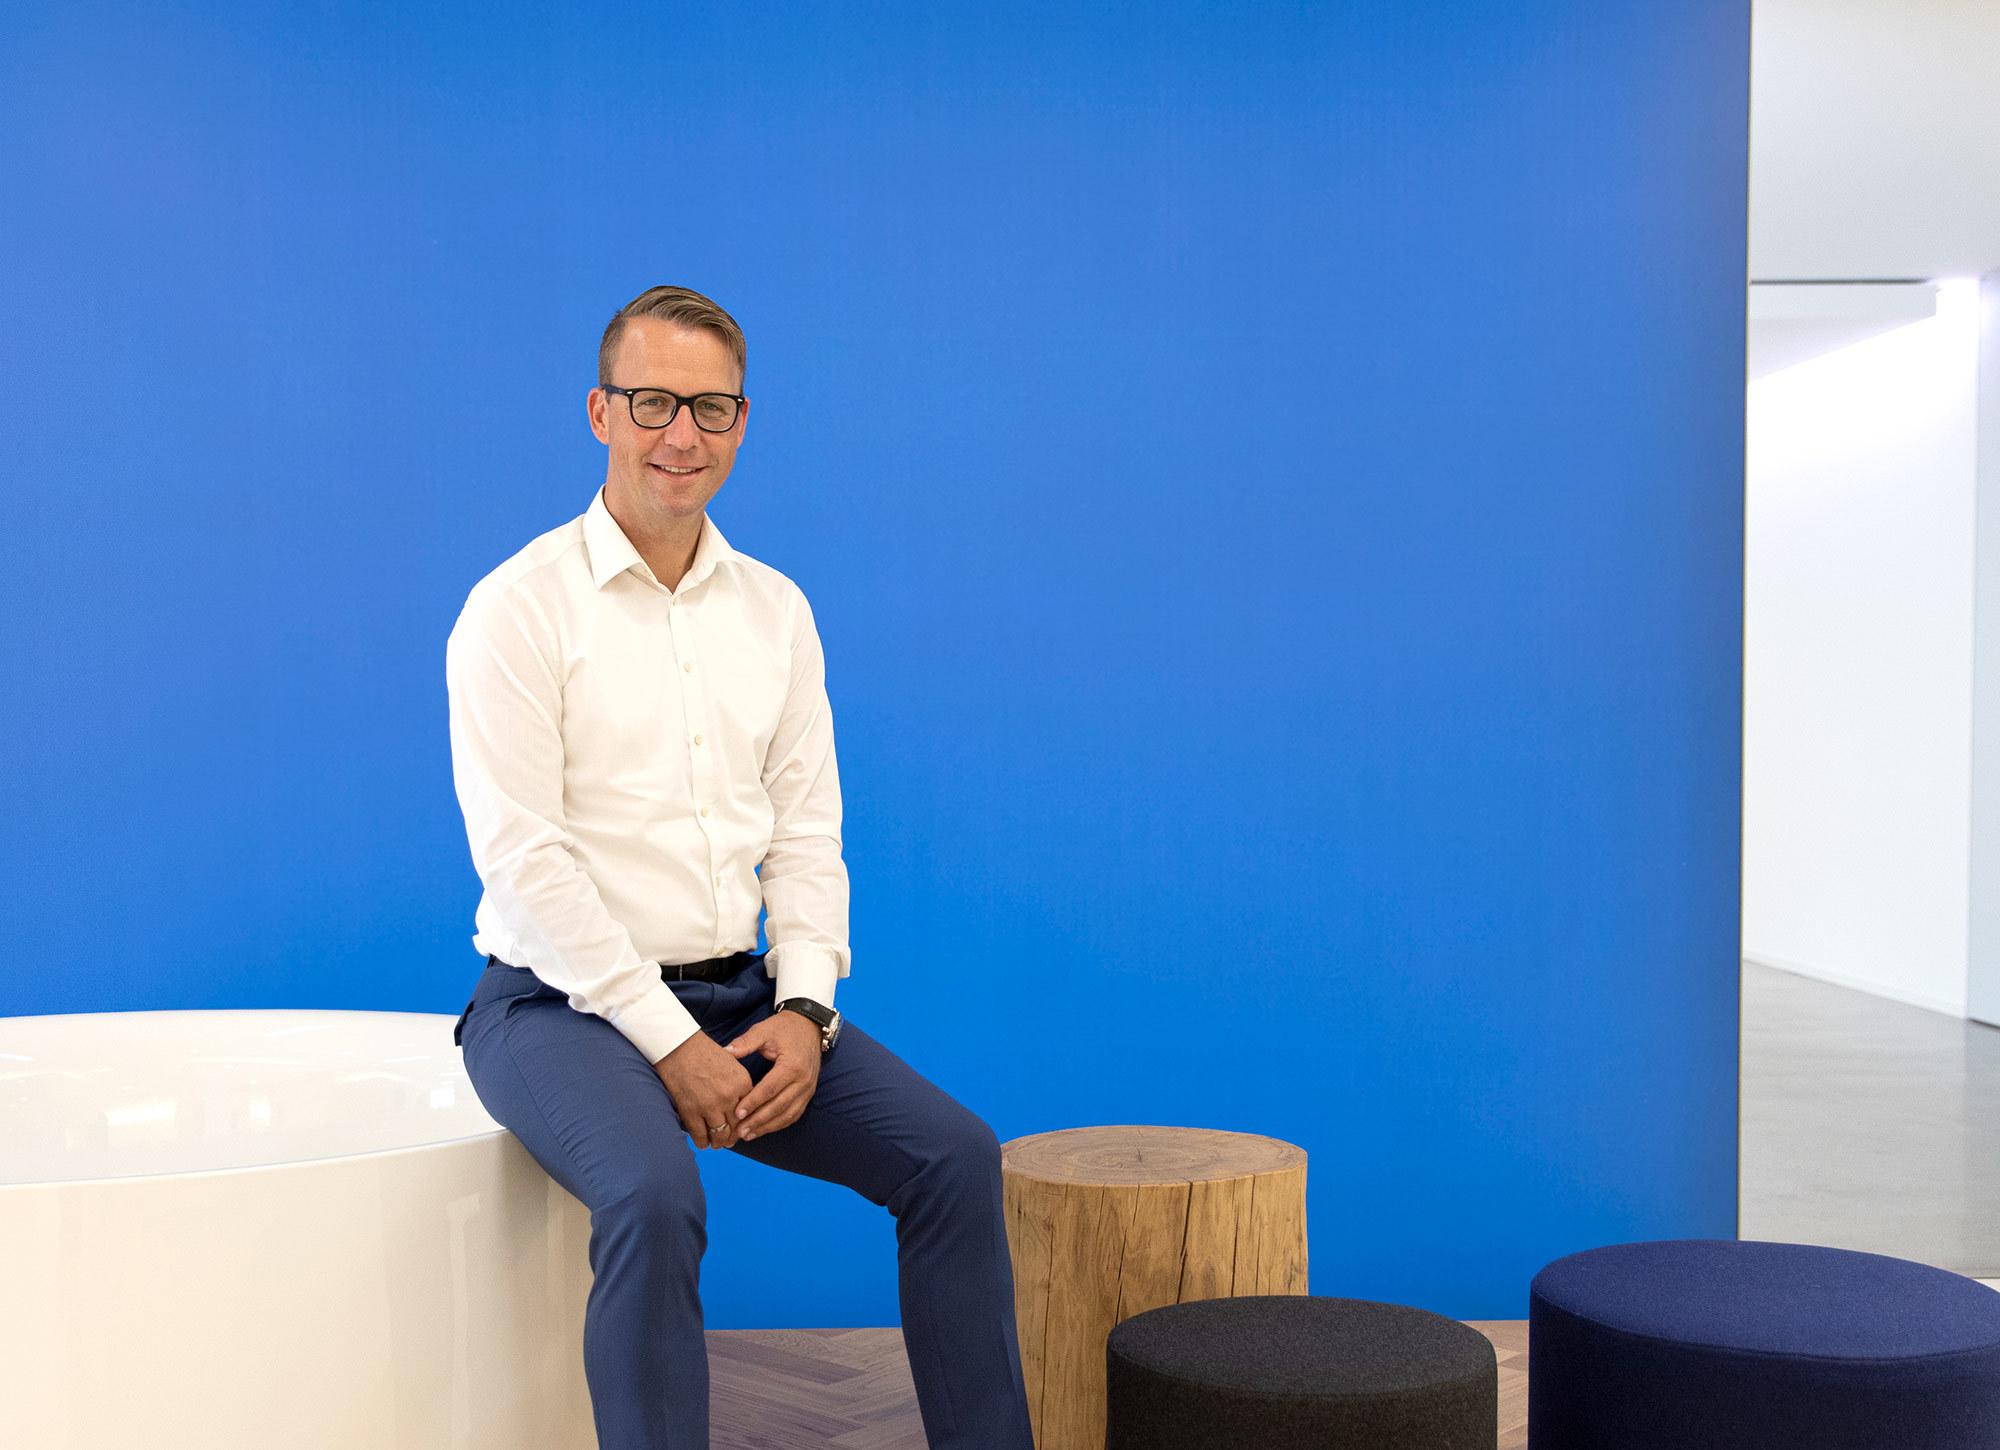 Sven Rensinghoff ist seit 1996 bei BETTE tätig und dort für Marketing und Produktmanagement verantwortlich.